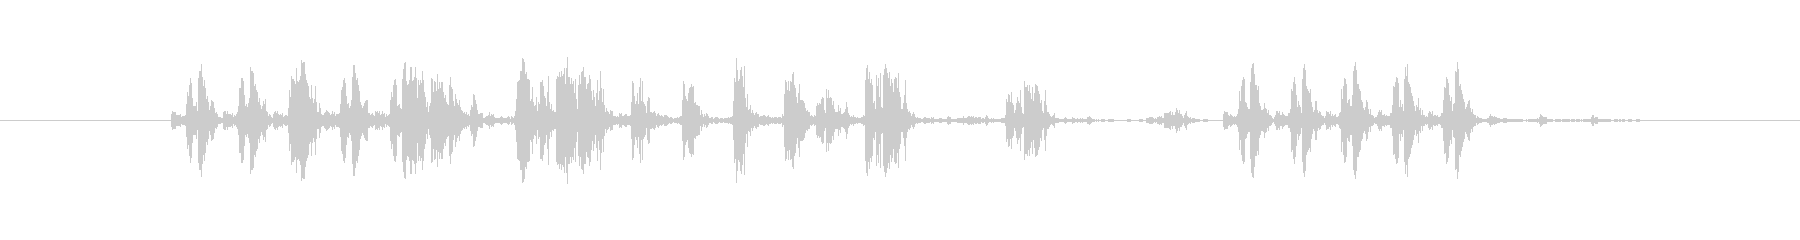 電気機械 小さなスタッター03の未再生の波形